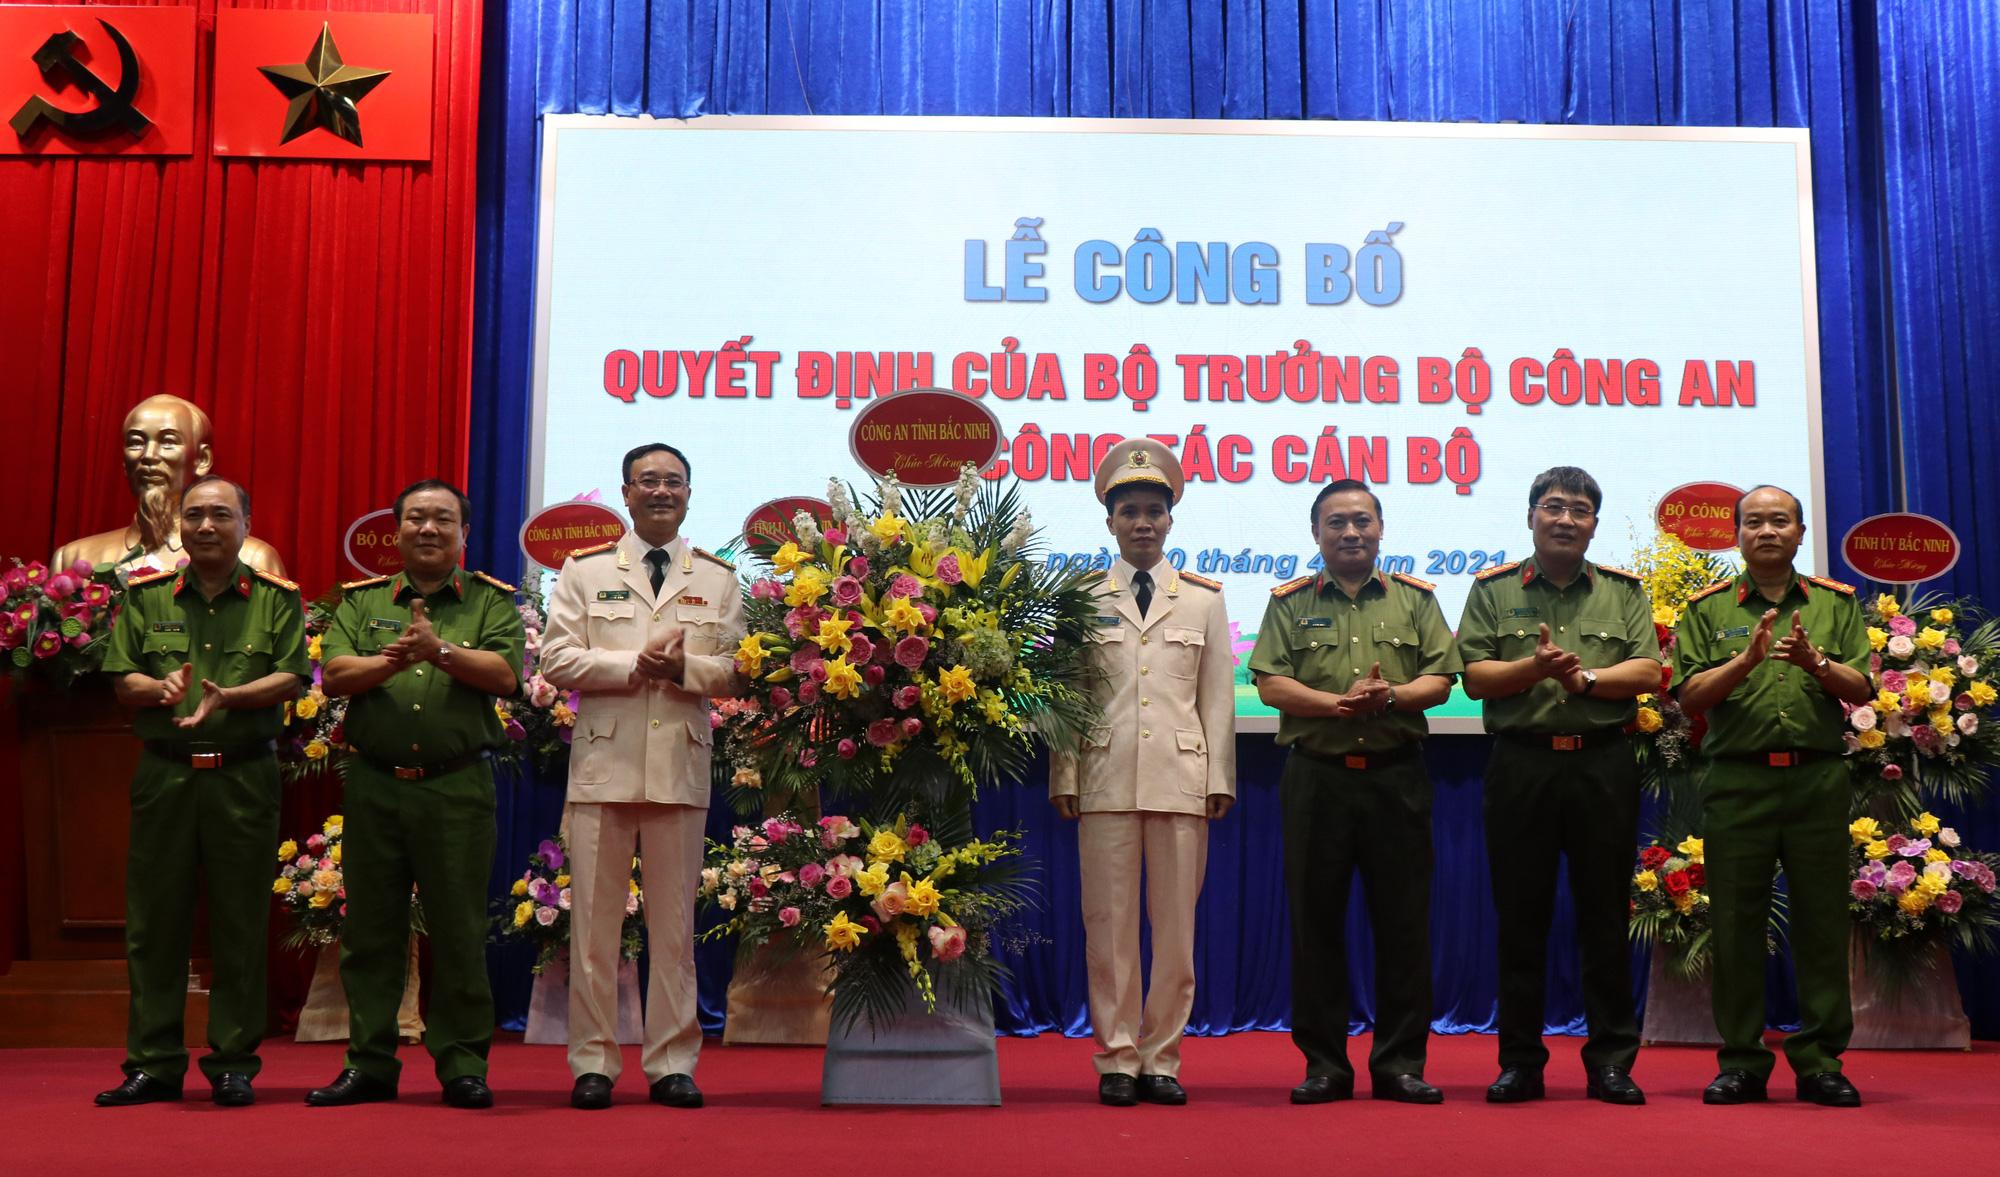 Đại tá Bùi Duy Hưng giữ chức Giám đốc Công an tỉnh Bắc Ninh - Ảnh 2.